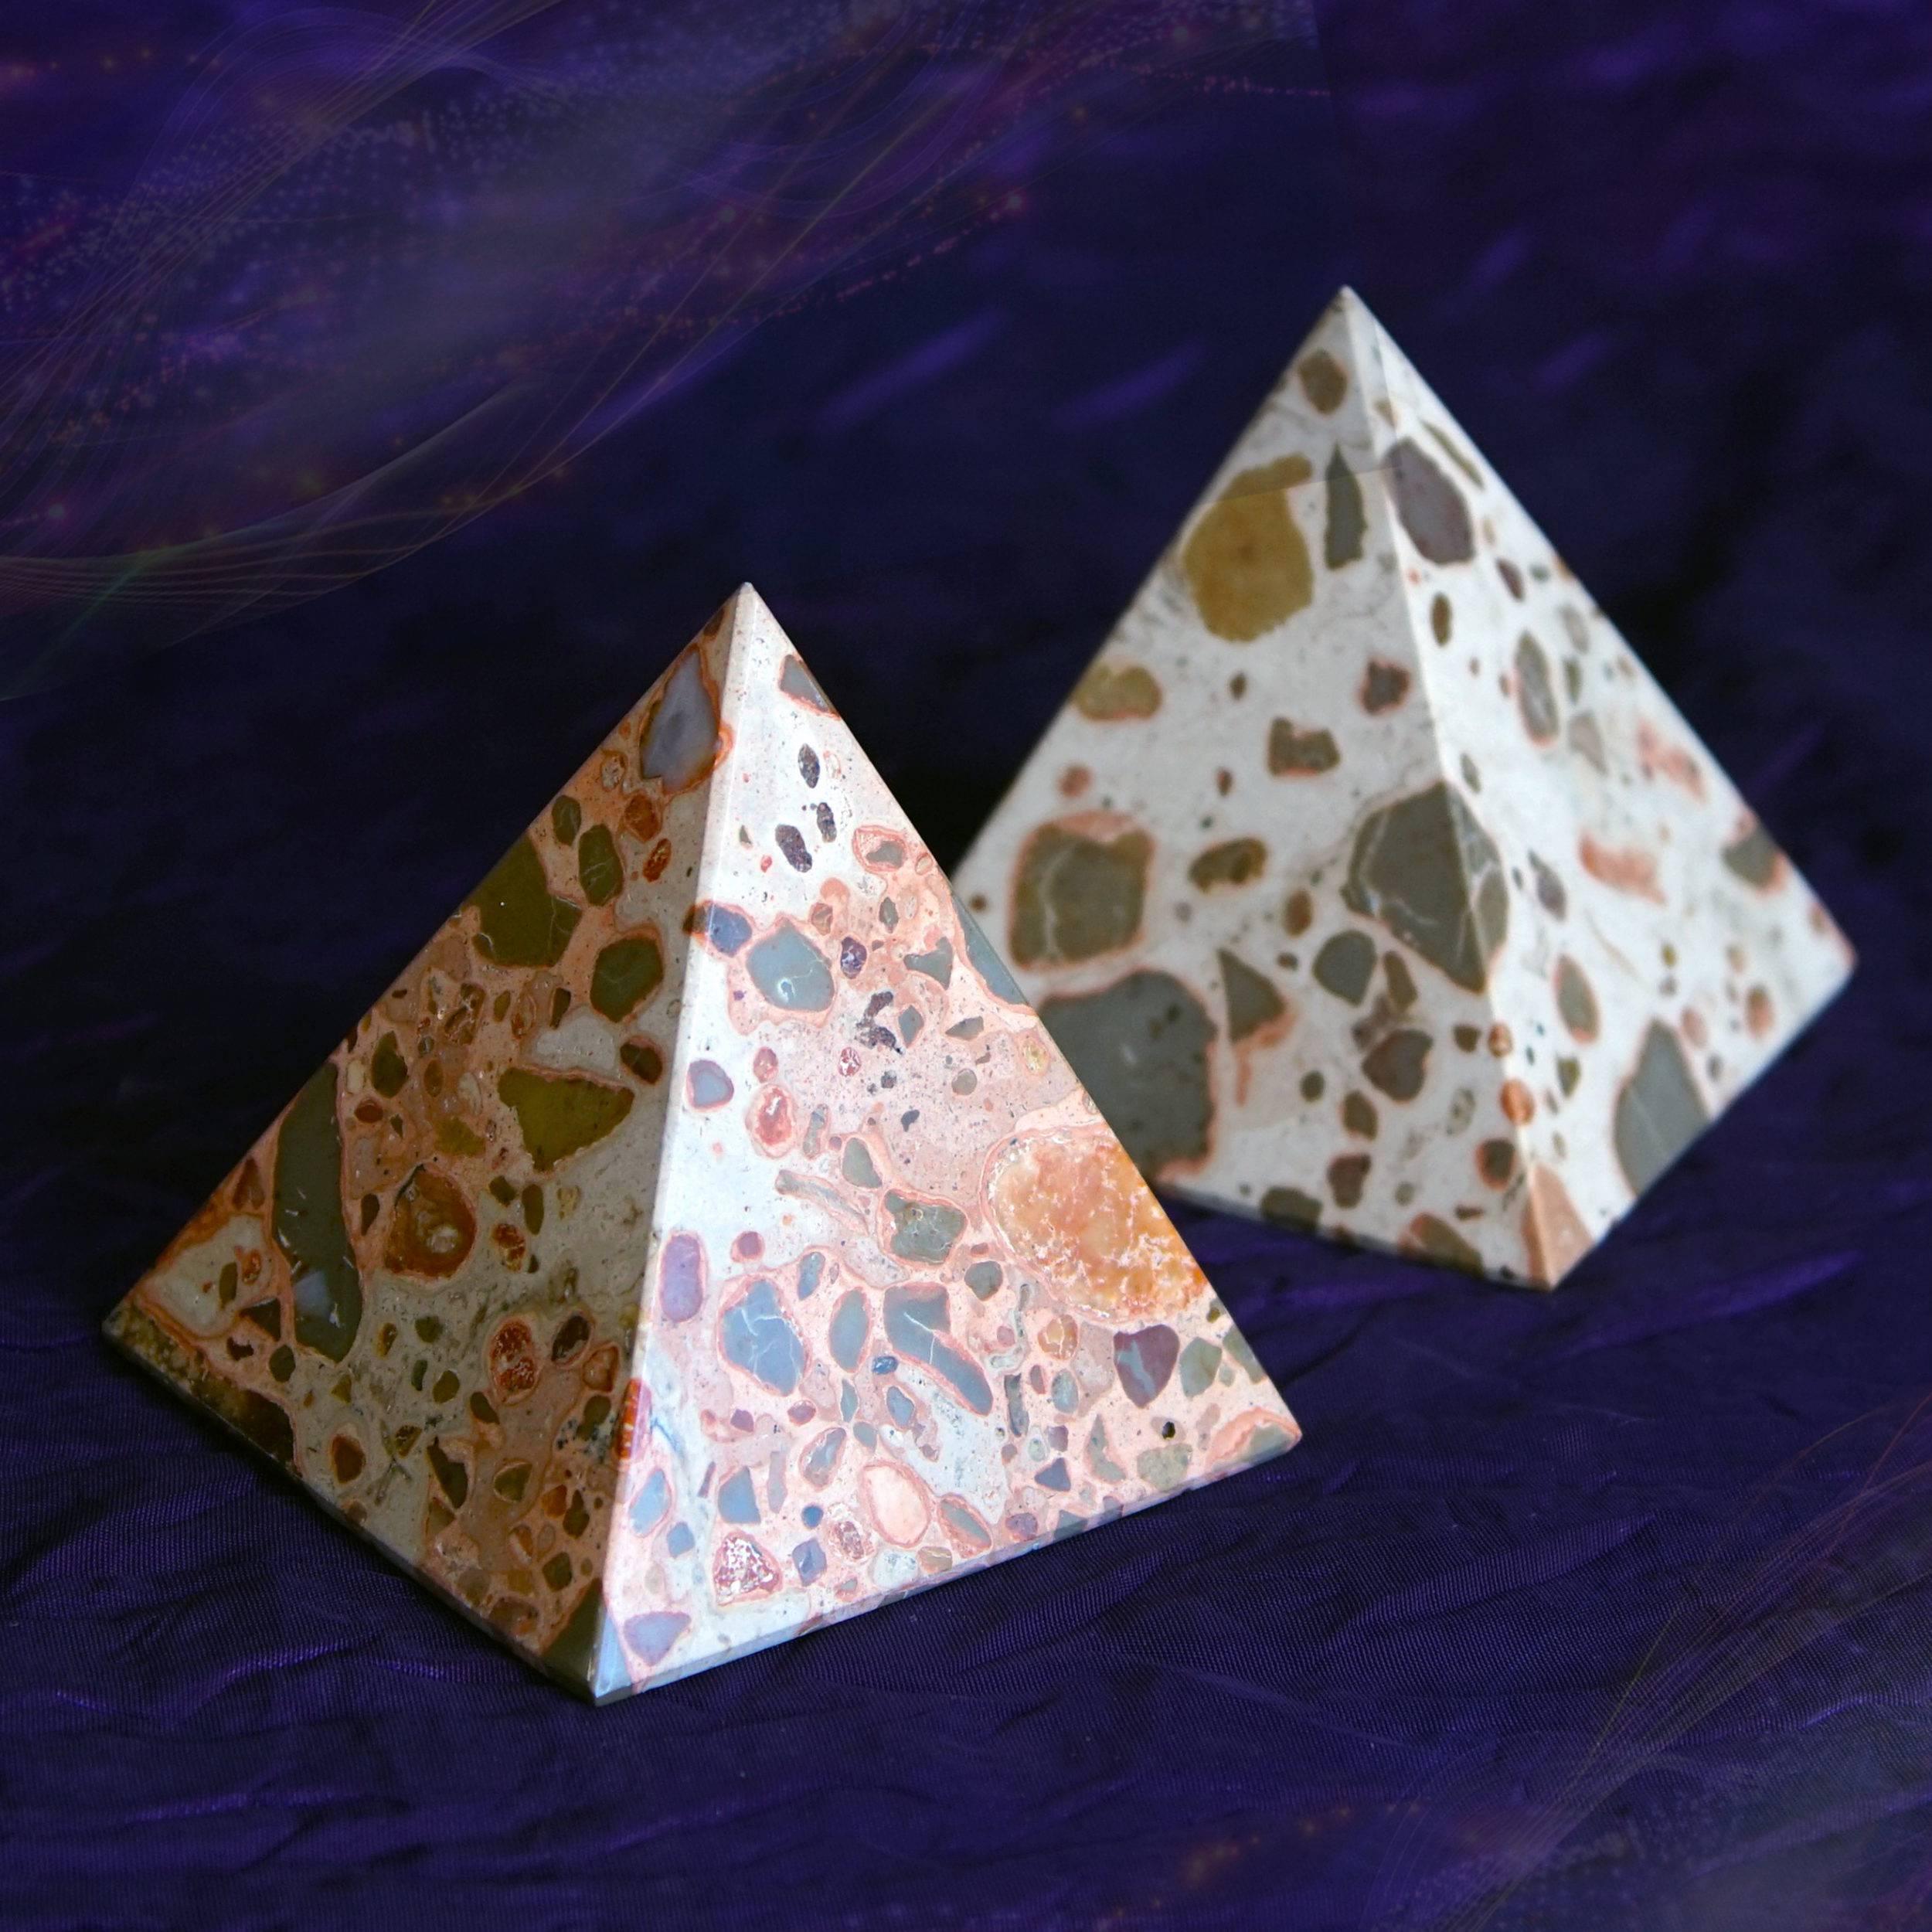 leopardskin jasper pyramids